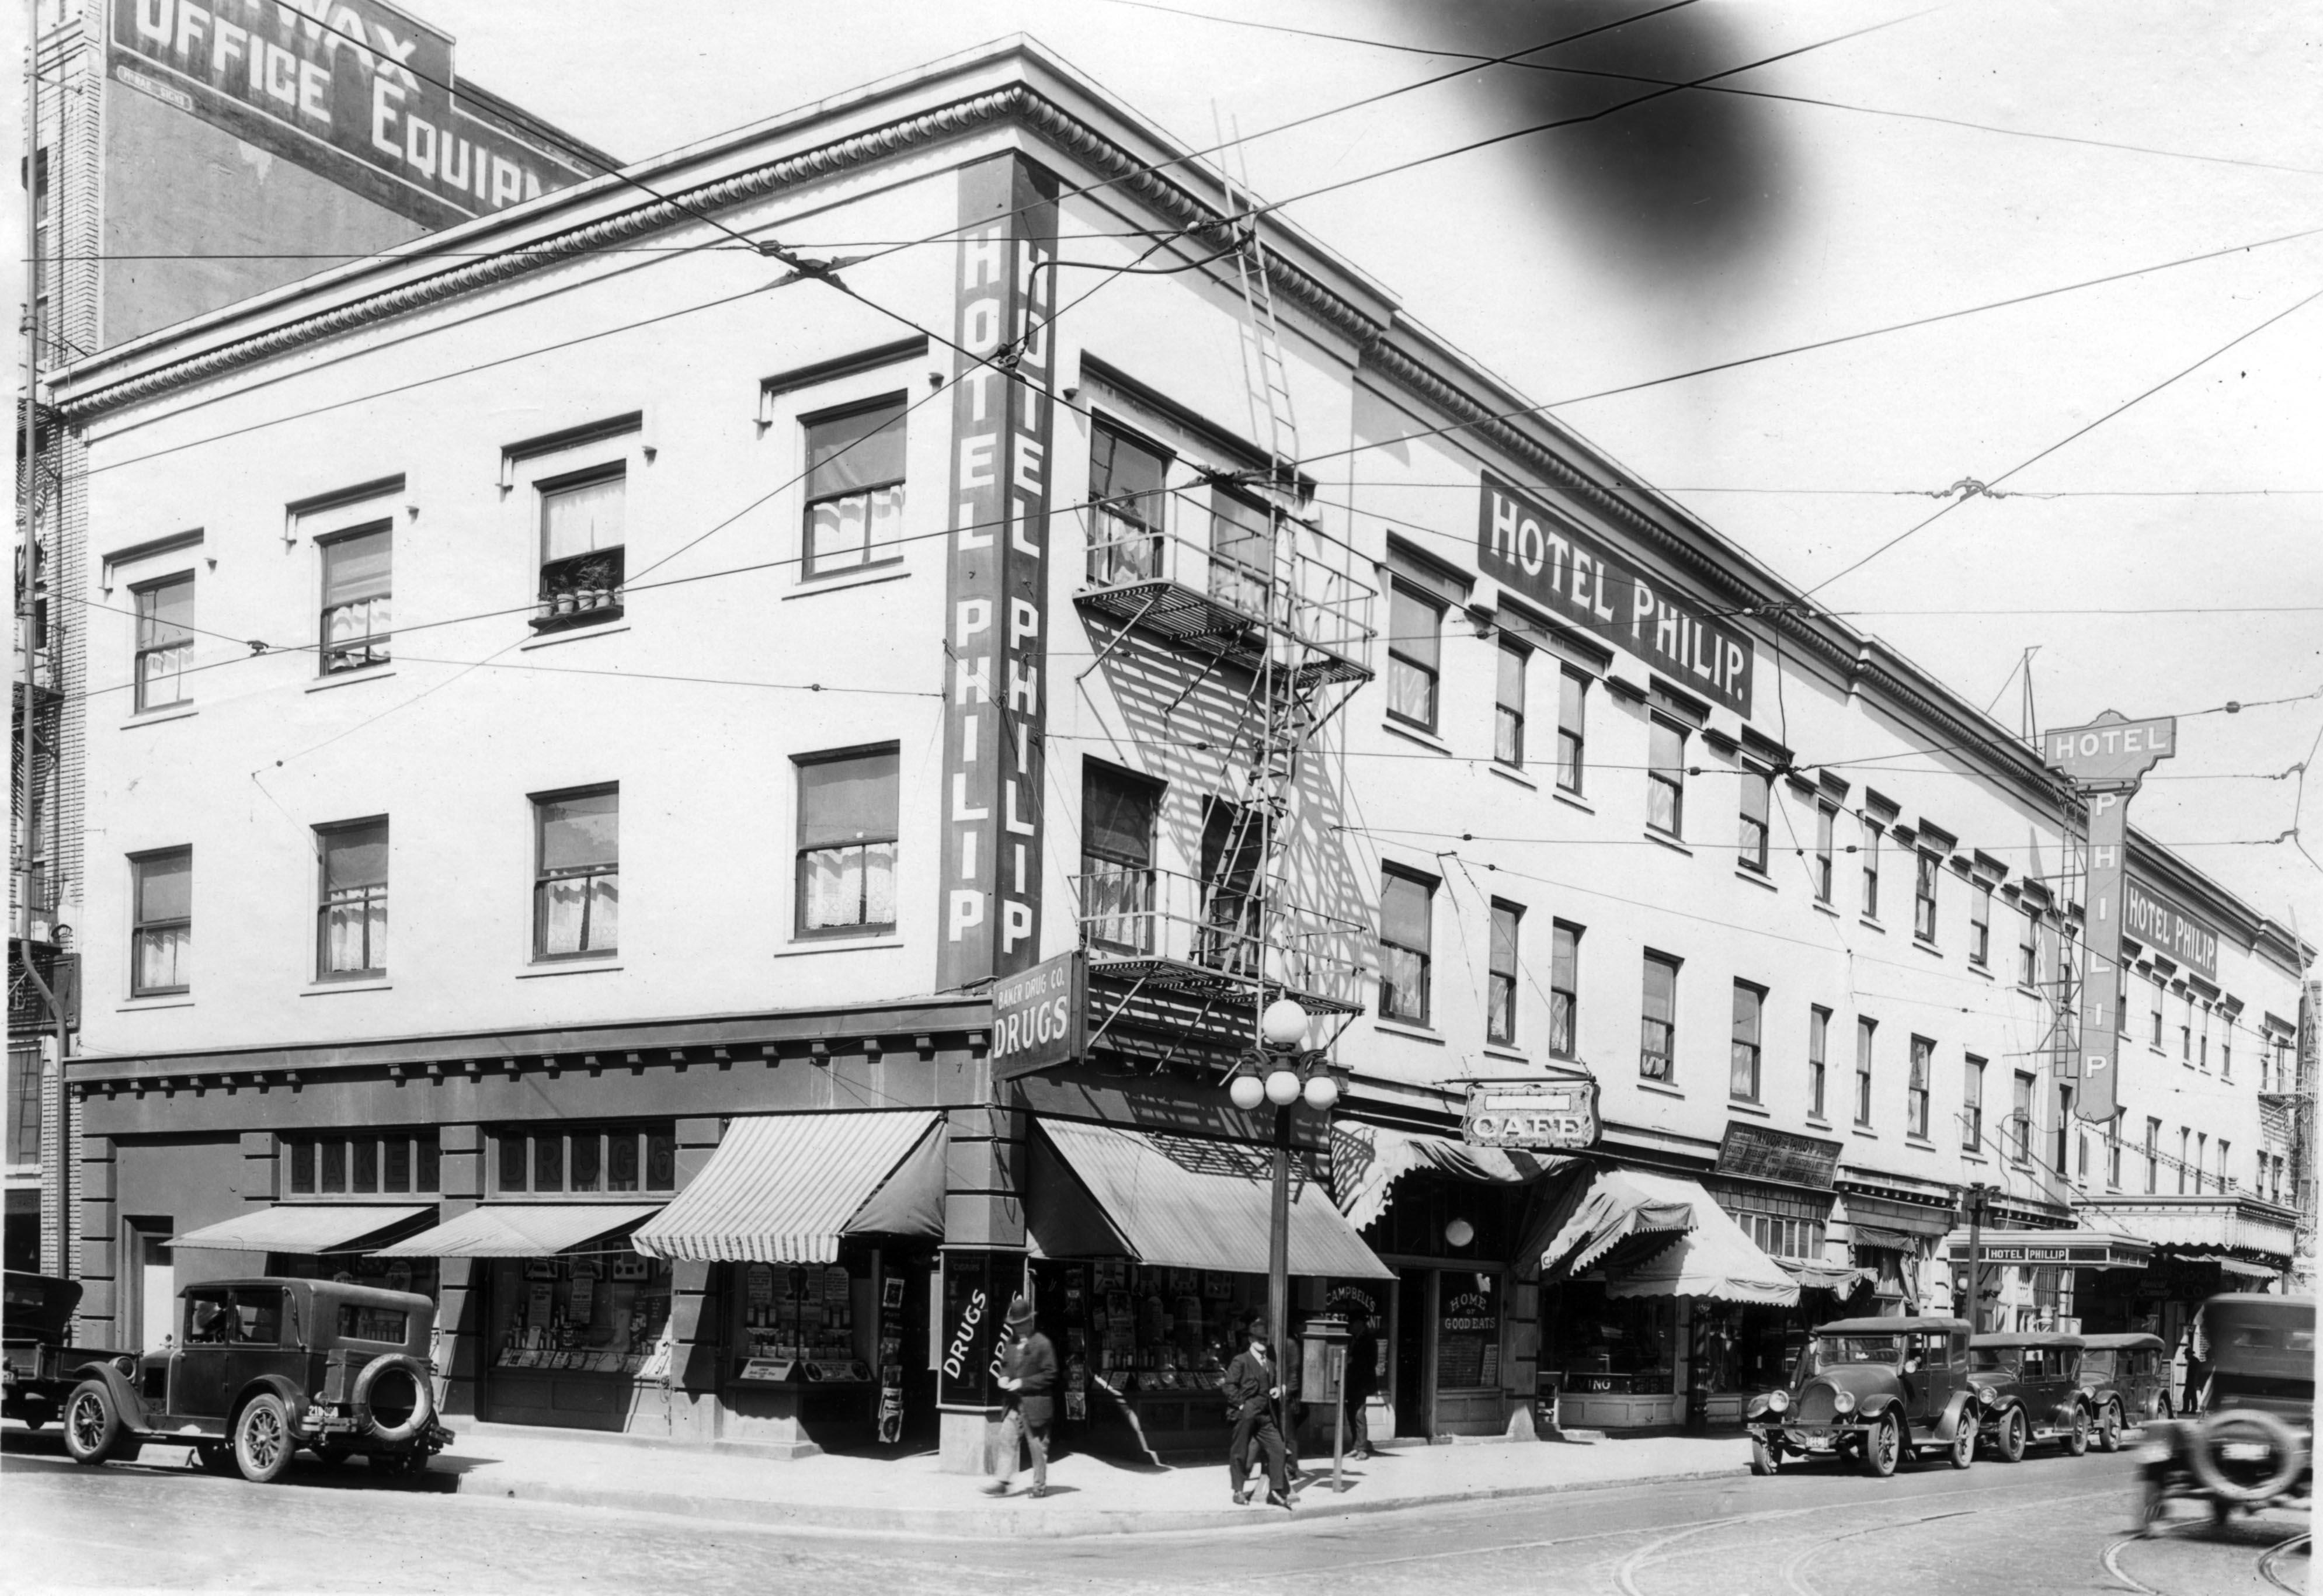 Hotel Philip, 1927   Vintage Portland